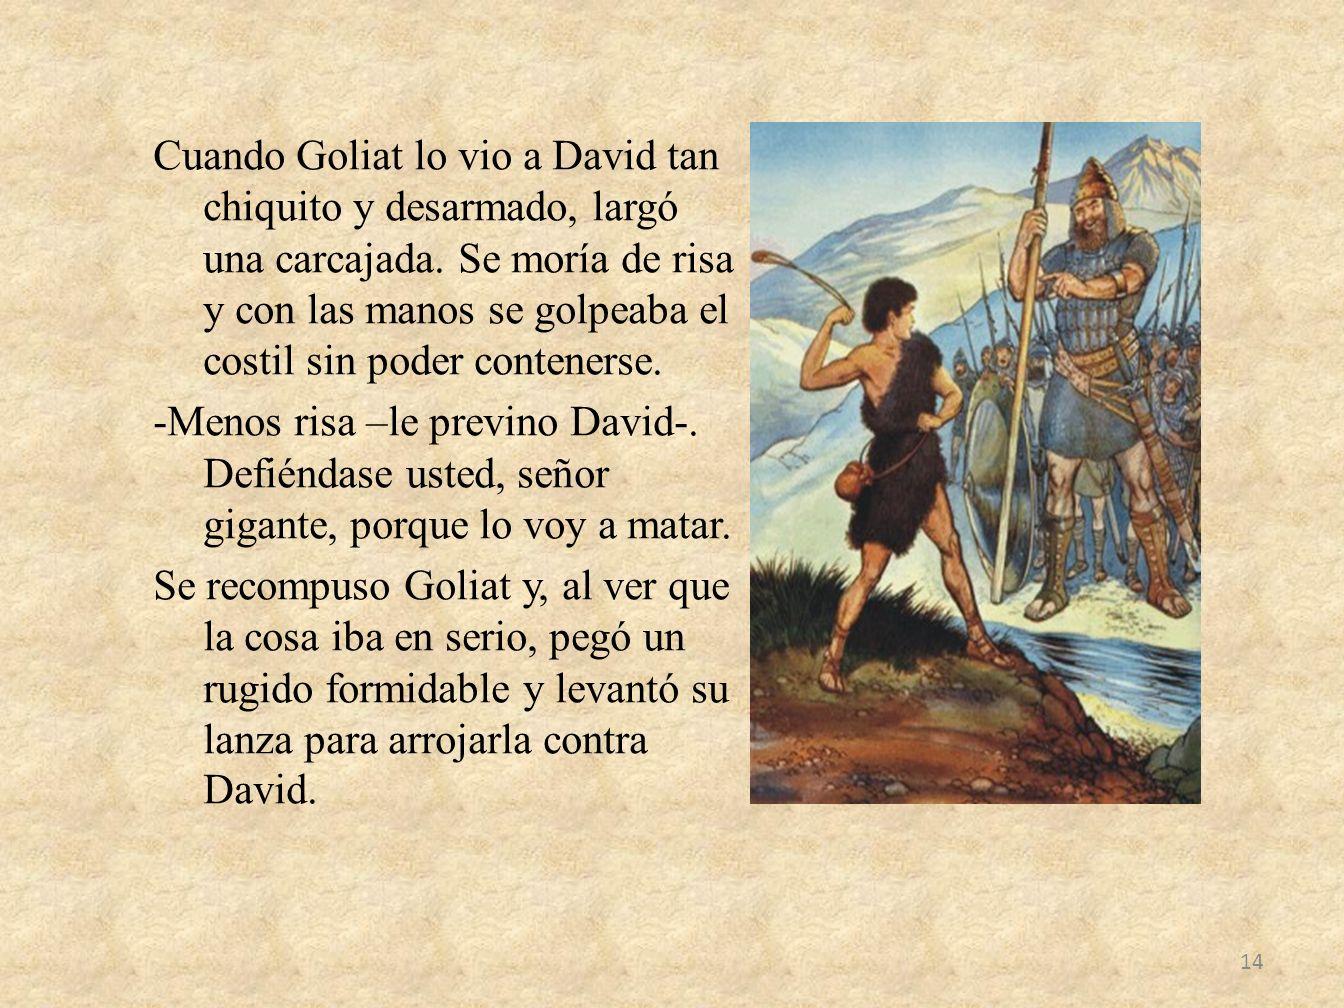 Cuando Goliat lo vio a David tan chiquito y desarmado, largó una carcajada. Se moría de risa y con las manos se golpeaba el costil sin poder conteners